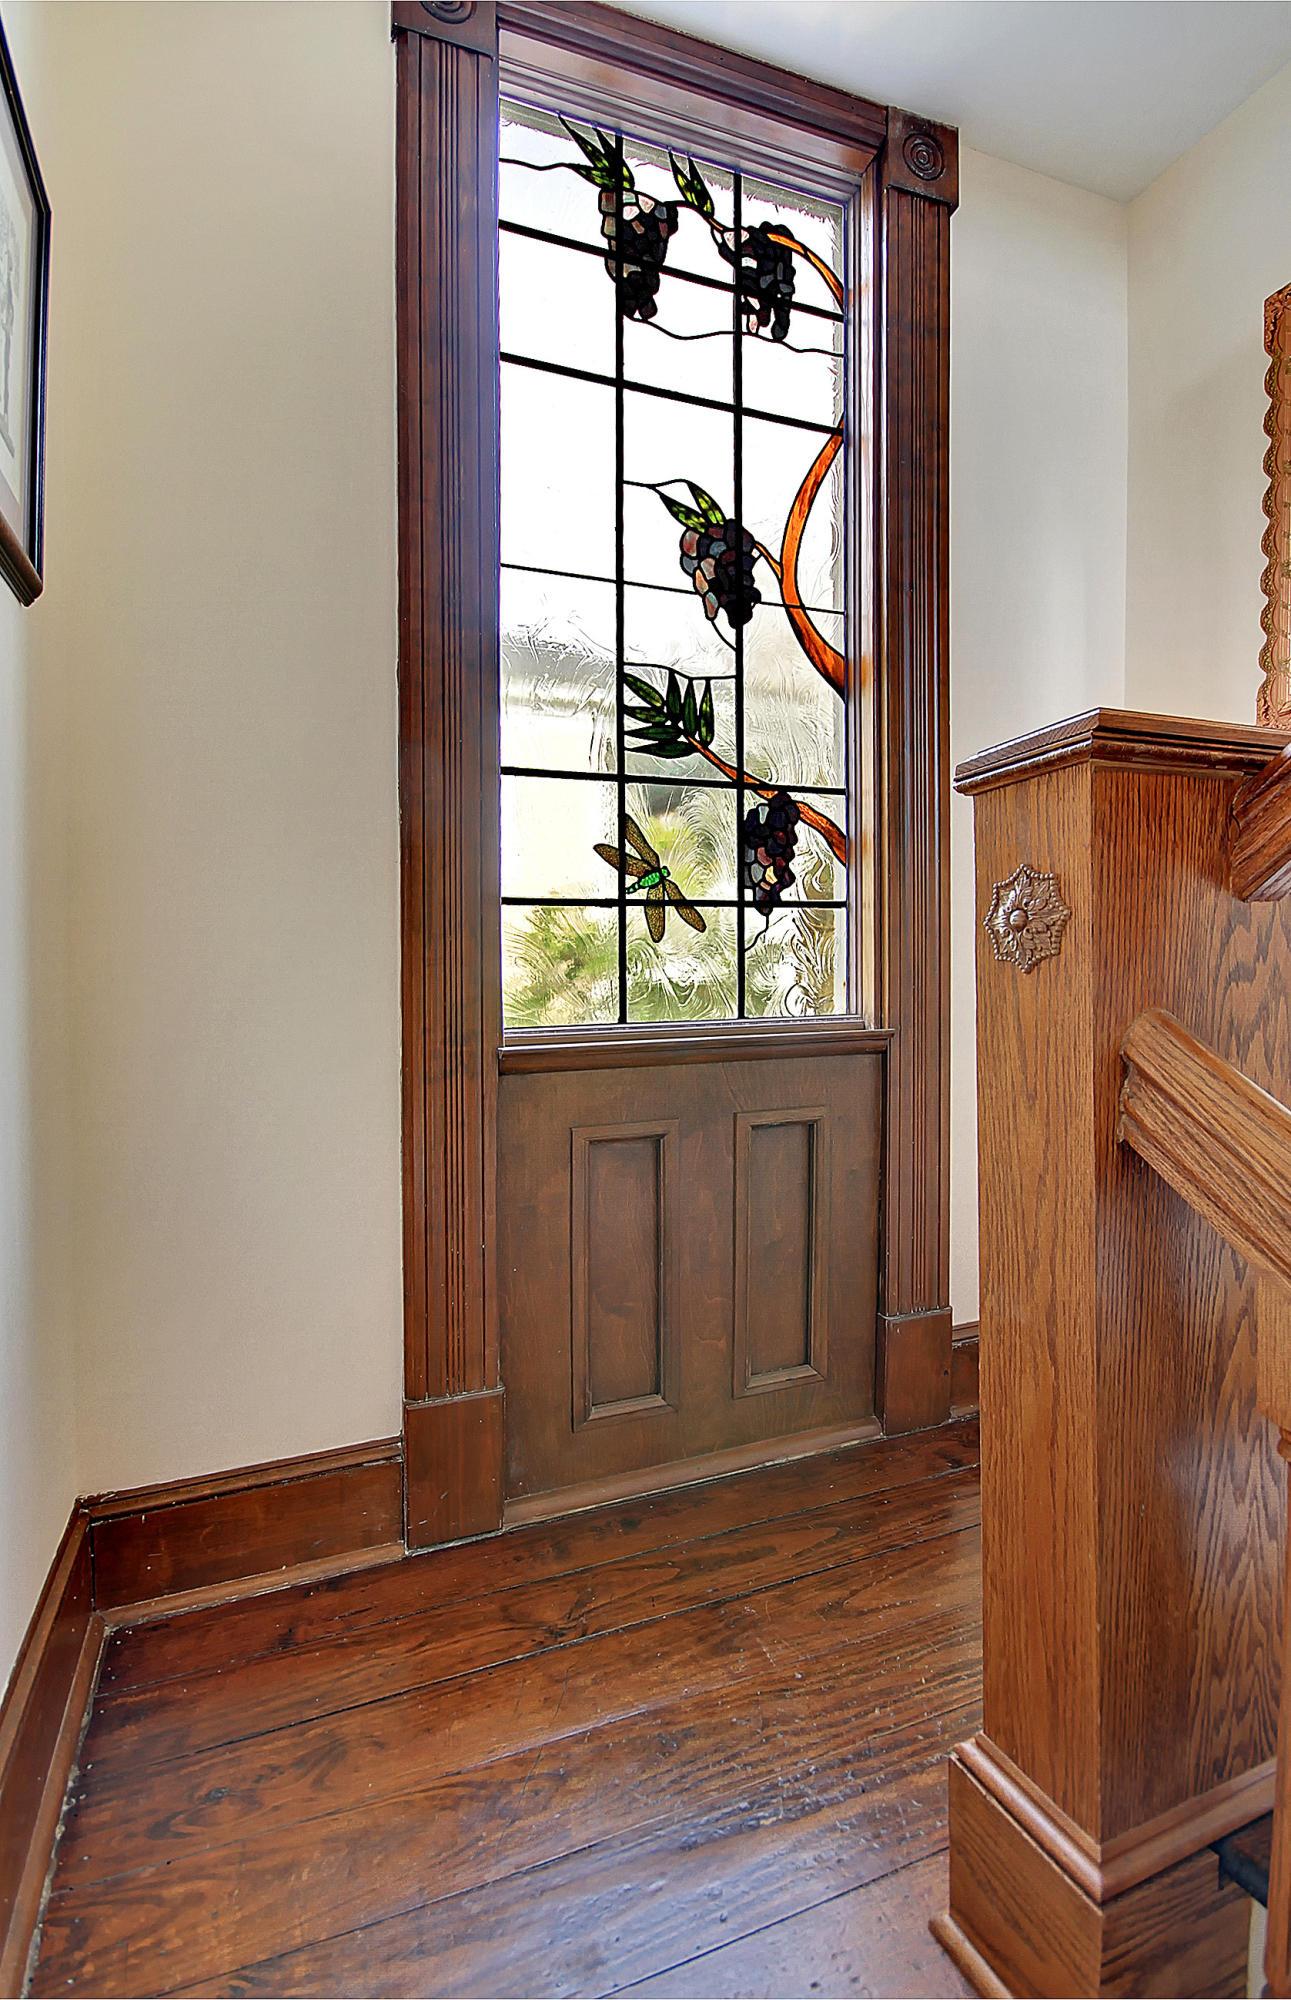 Harleston Village Homes For Sale - 218 Wentworth, Charleston, SC - 62